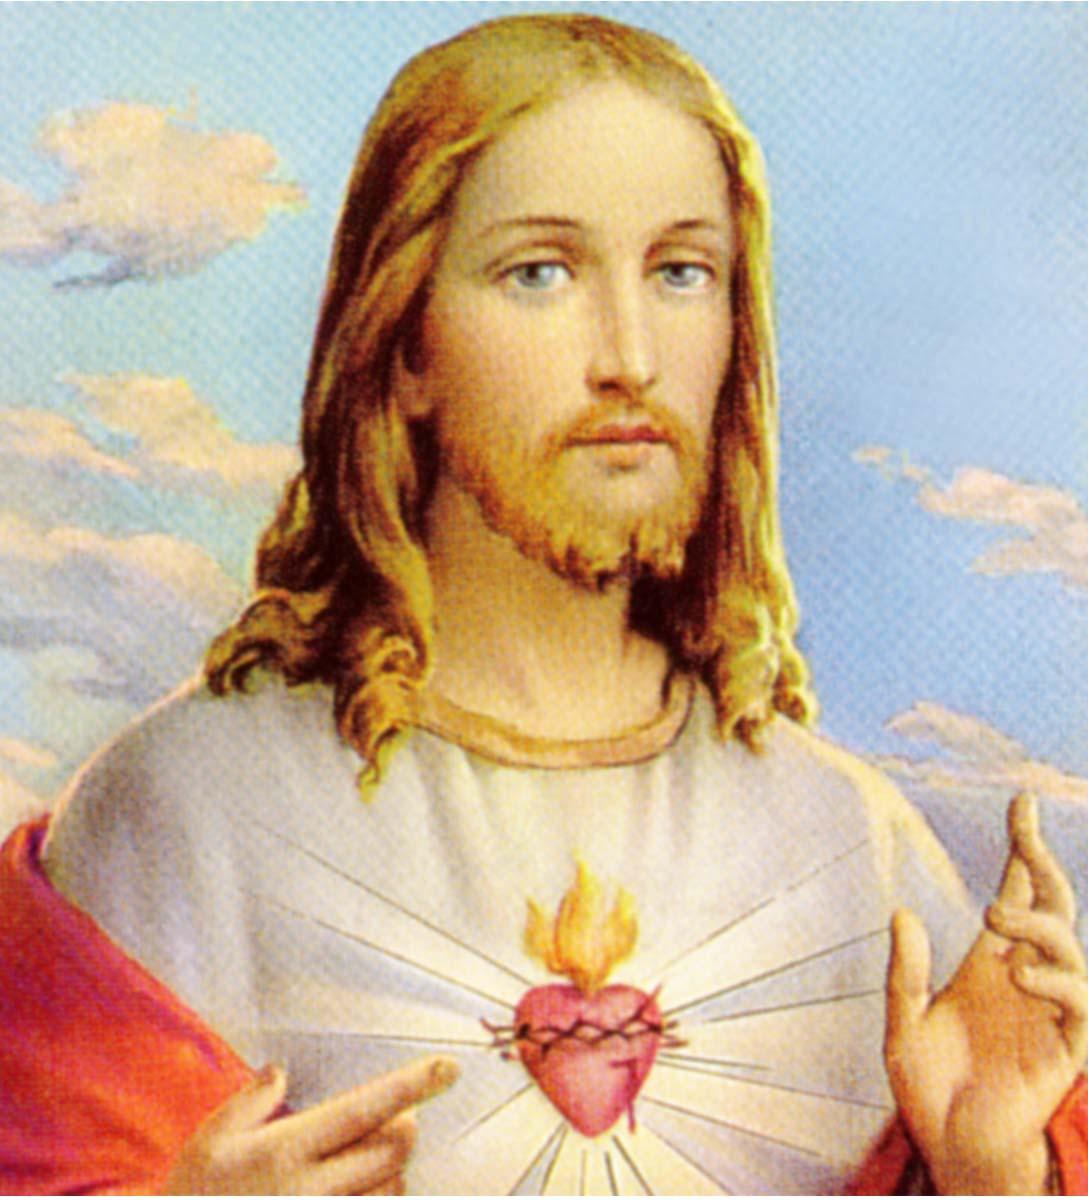 Jesus effeminate